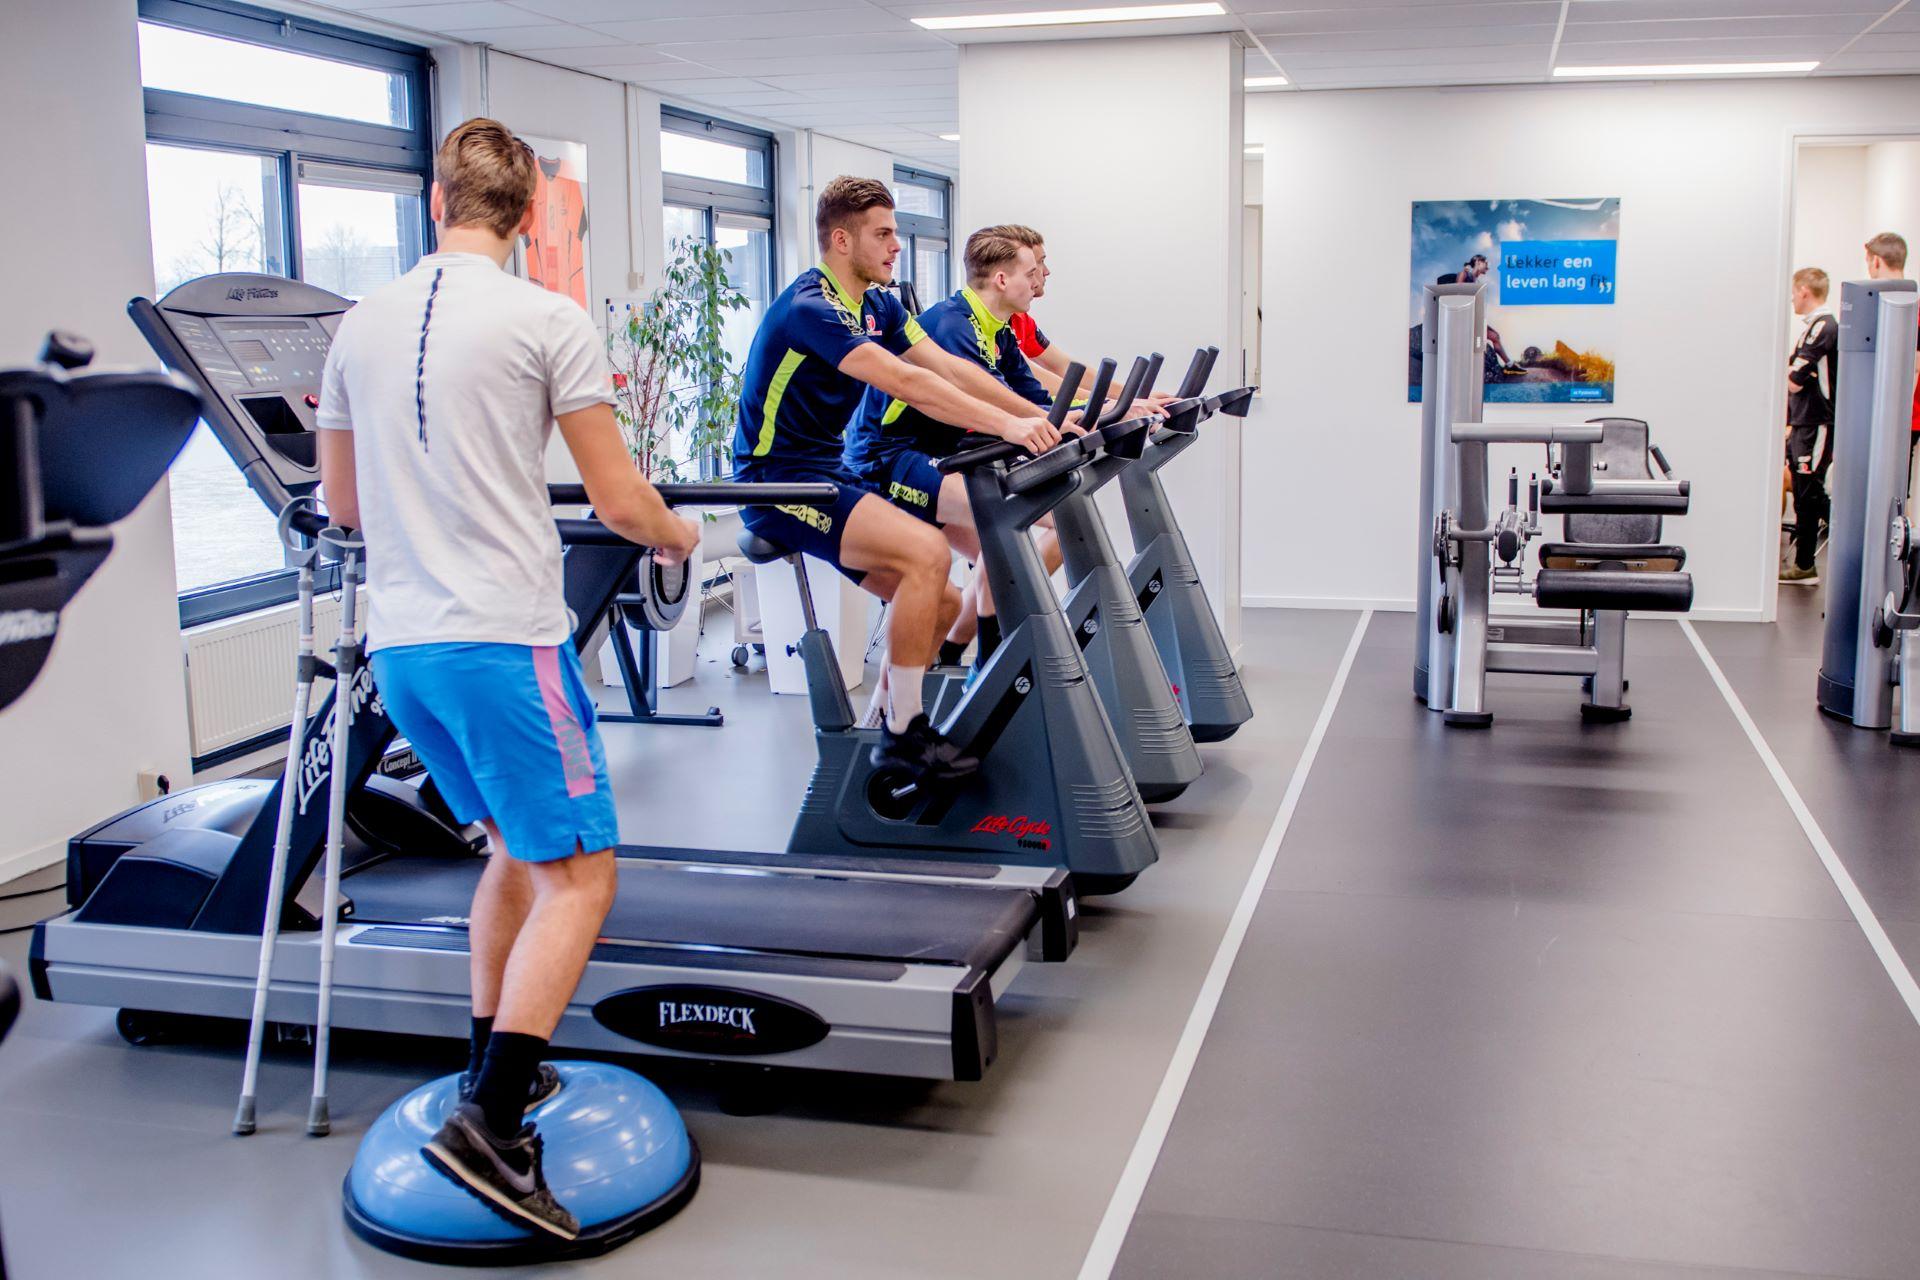 Cliënten op cardio apparatuur bij fysiotherapie Jeurissen & vd Ingh